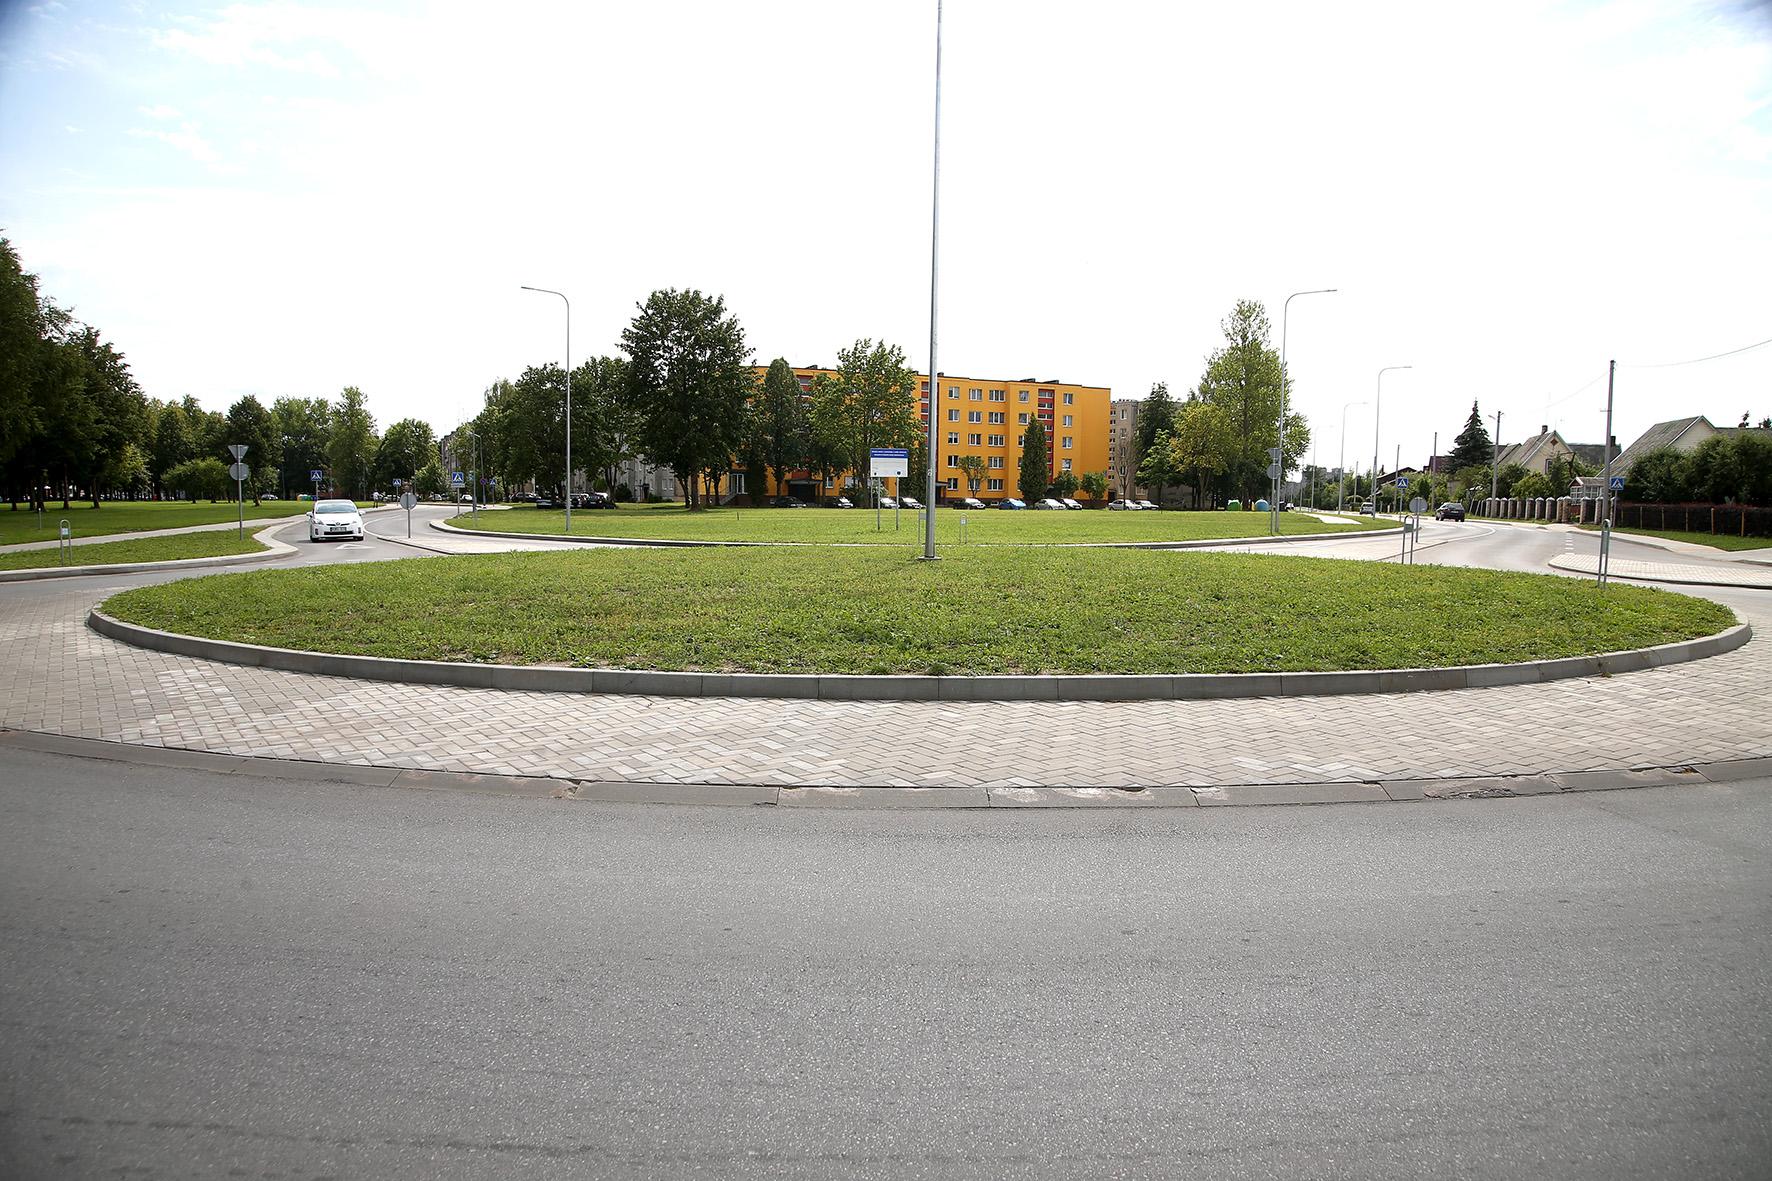 A. Kanapinsko gatvė rekonstruota taip, kad dabar reikalaujama grąžinti neteisėtai panaudotą įspūdingą europinių pinigų sumą. Algimanto Barzdžiaus nuotr.